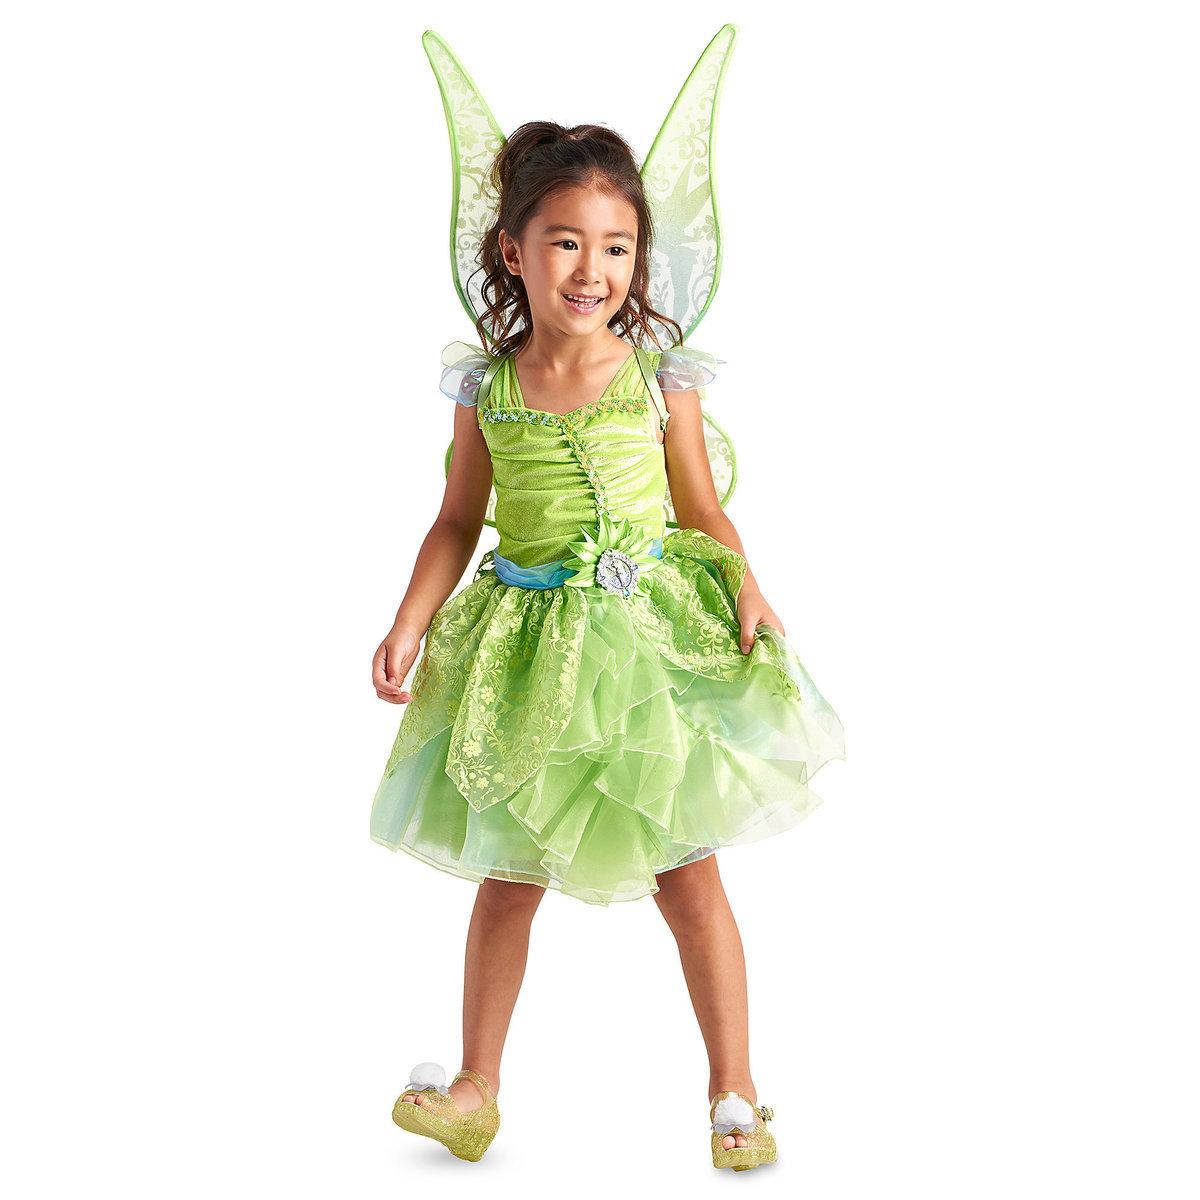 ชุดคอสตูมสำหรับเด็ก Disney Costume for Kids (Tinker Bell)